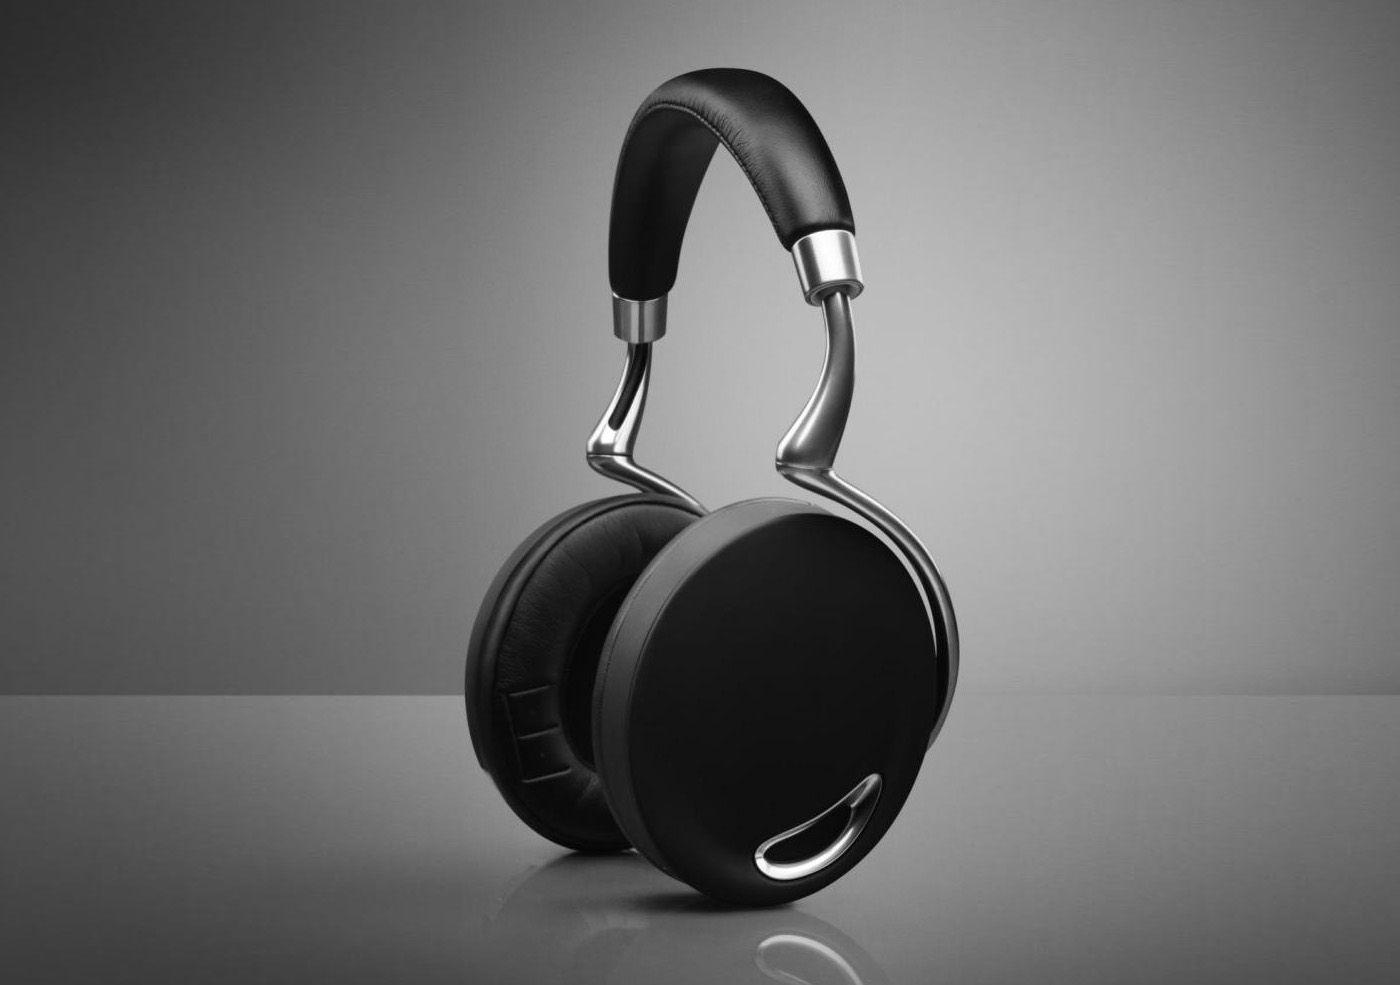 Parrot Zik By Starck Headphones Best Headphones Headphones Design